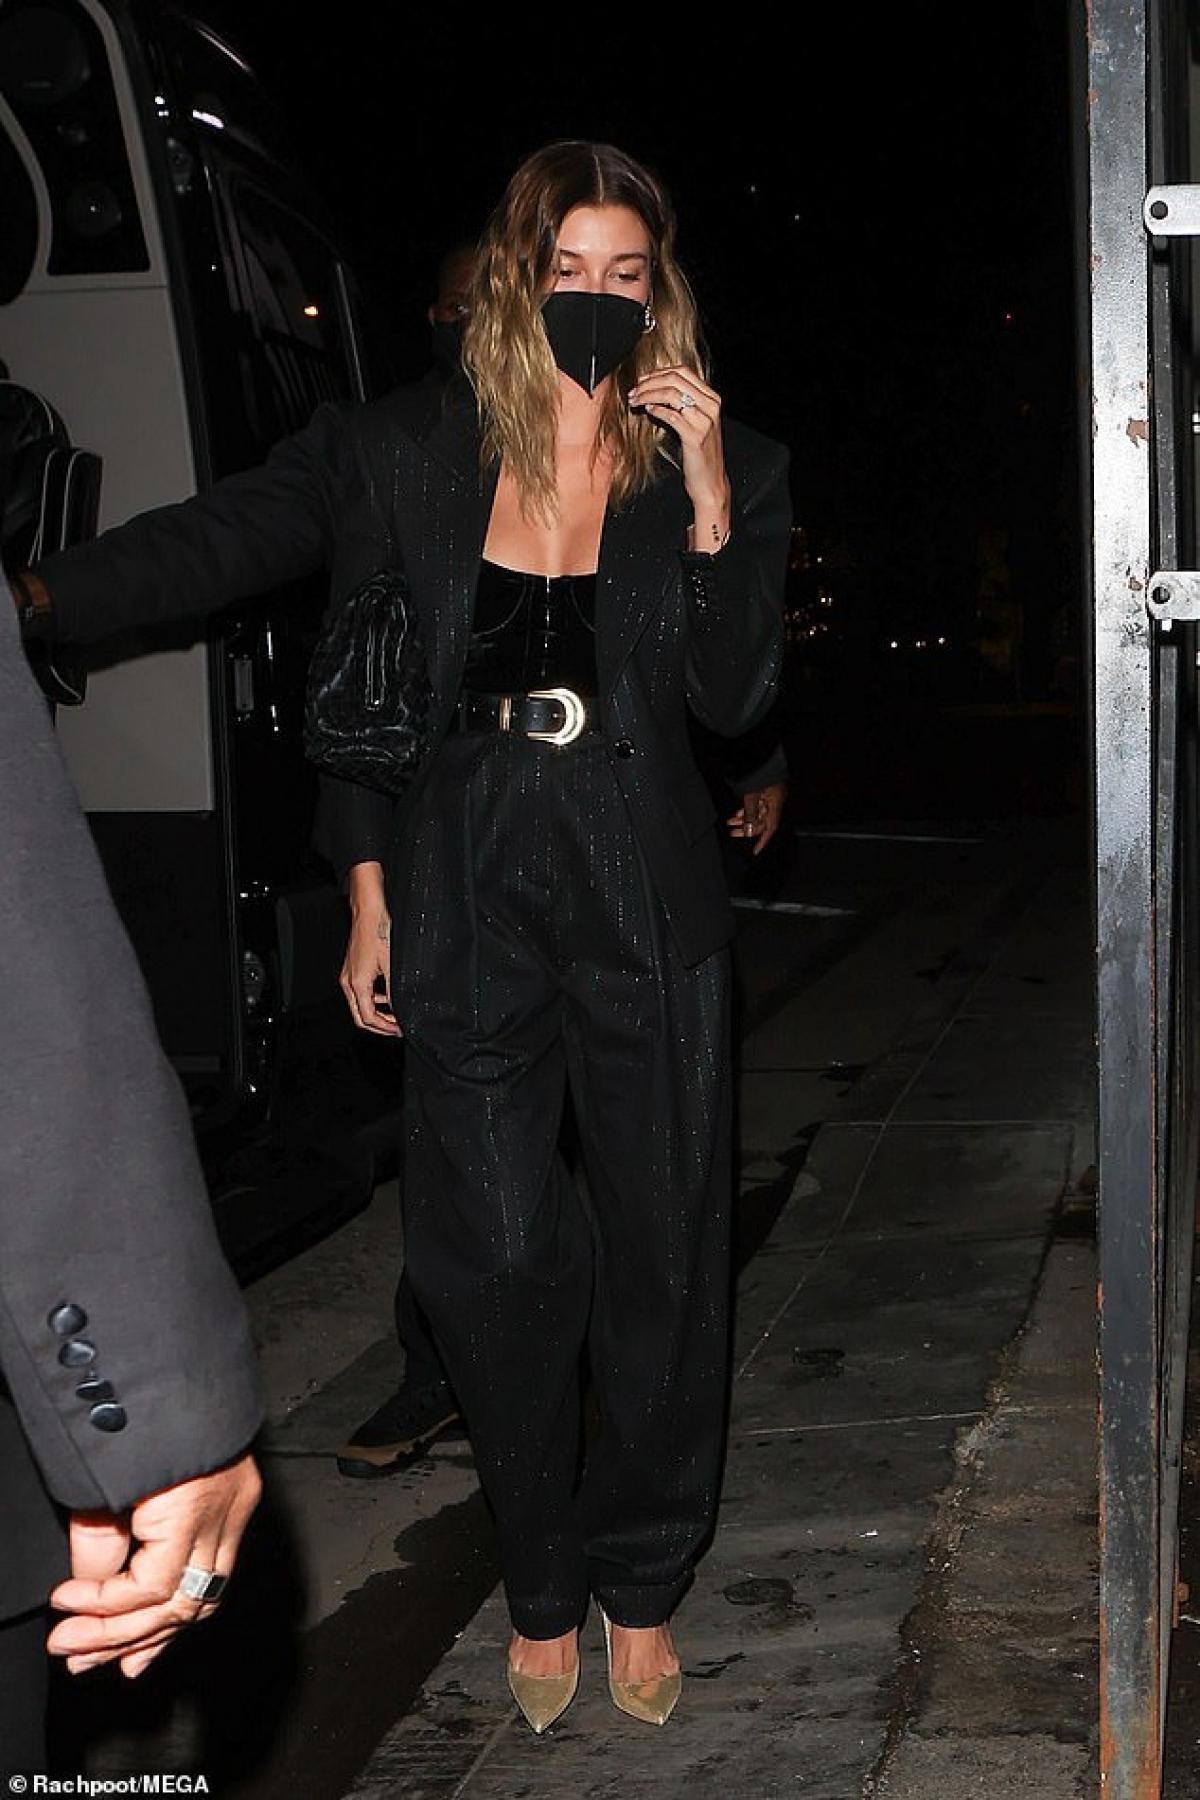 Cựu người mẫu Mỹ diện trang phục suit thanh lịch nhưng không kém phần gợi cảm.